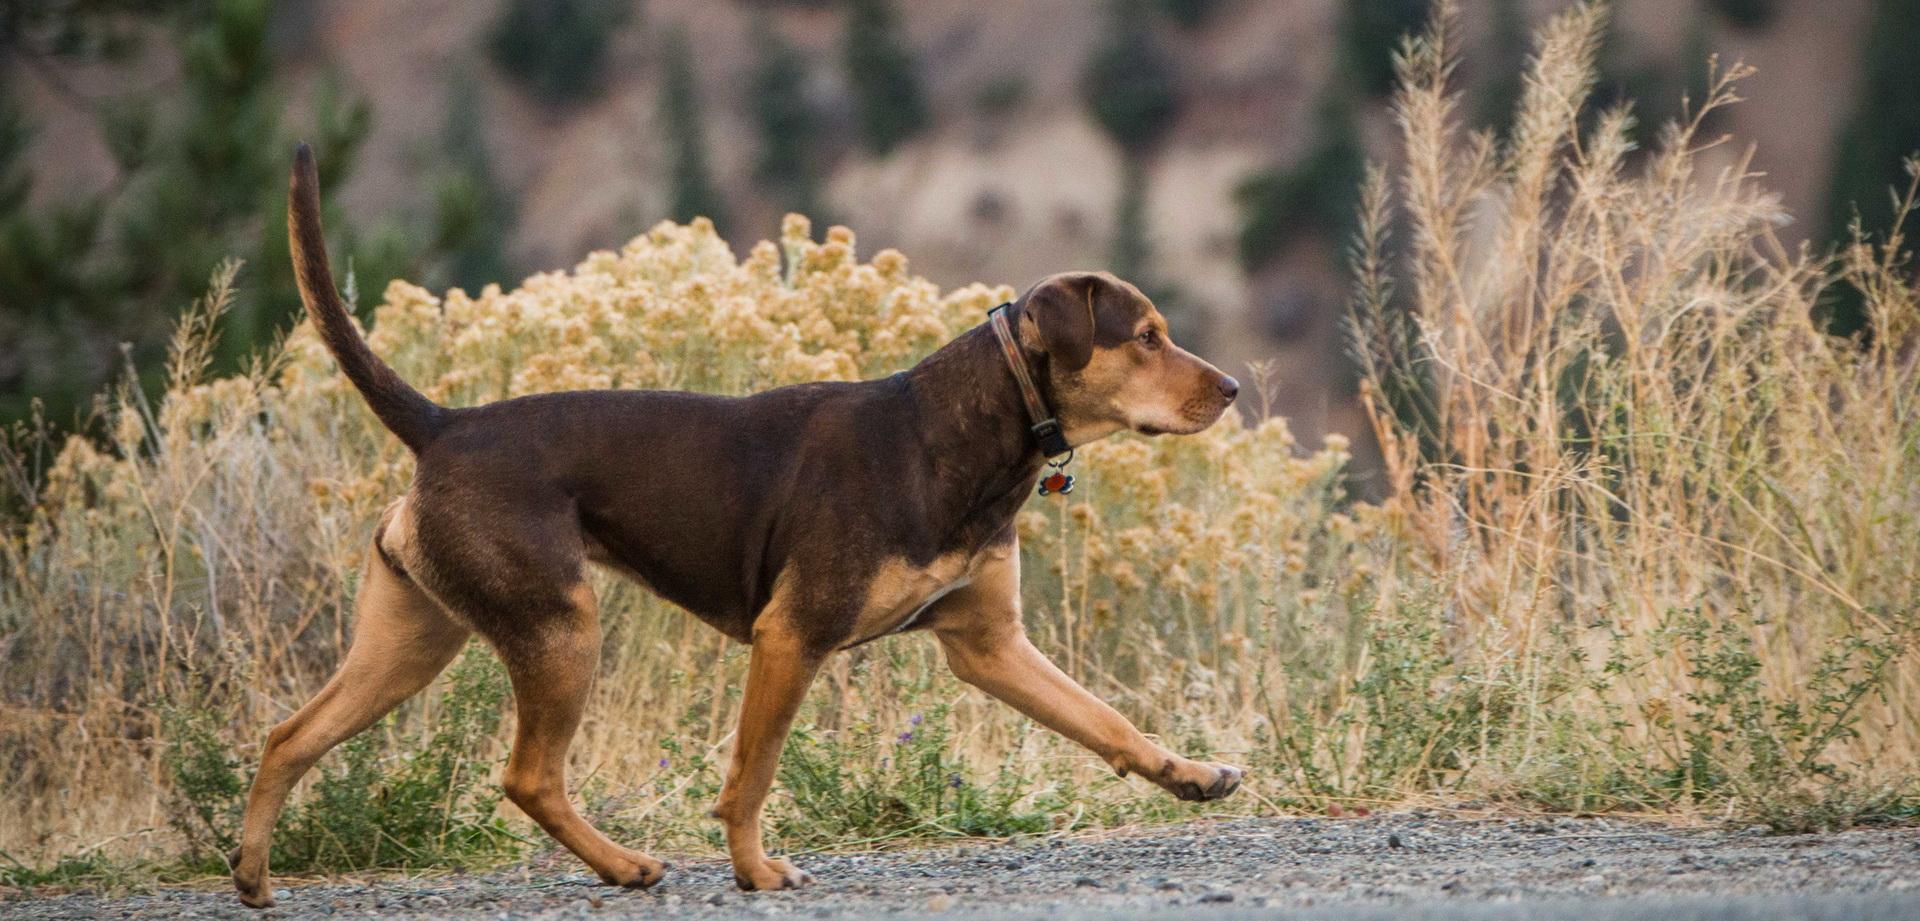 电影《一条狗的回家路》定档发布会, 中国小贝拉寻找新主人!